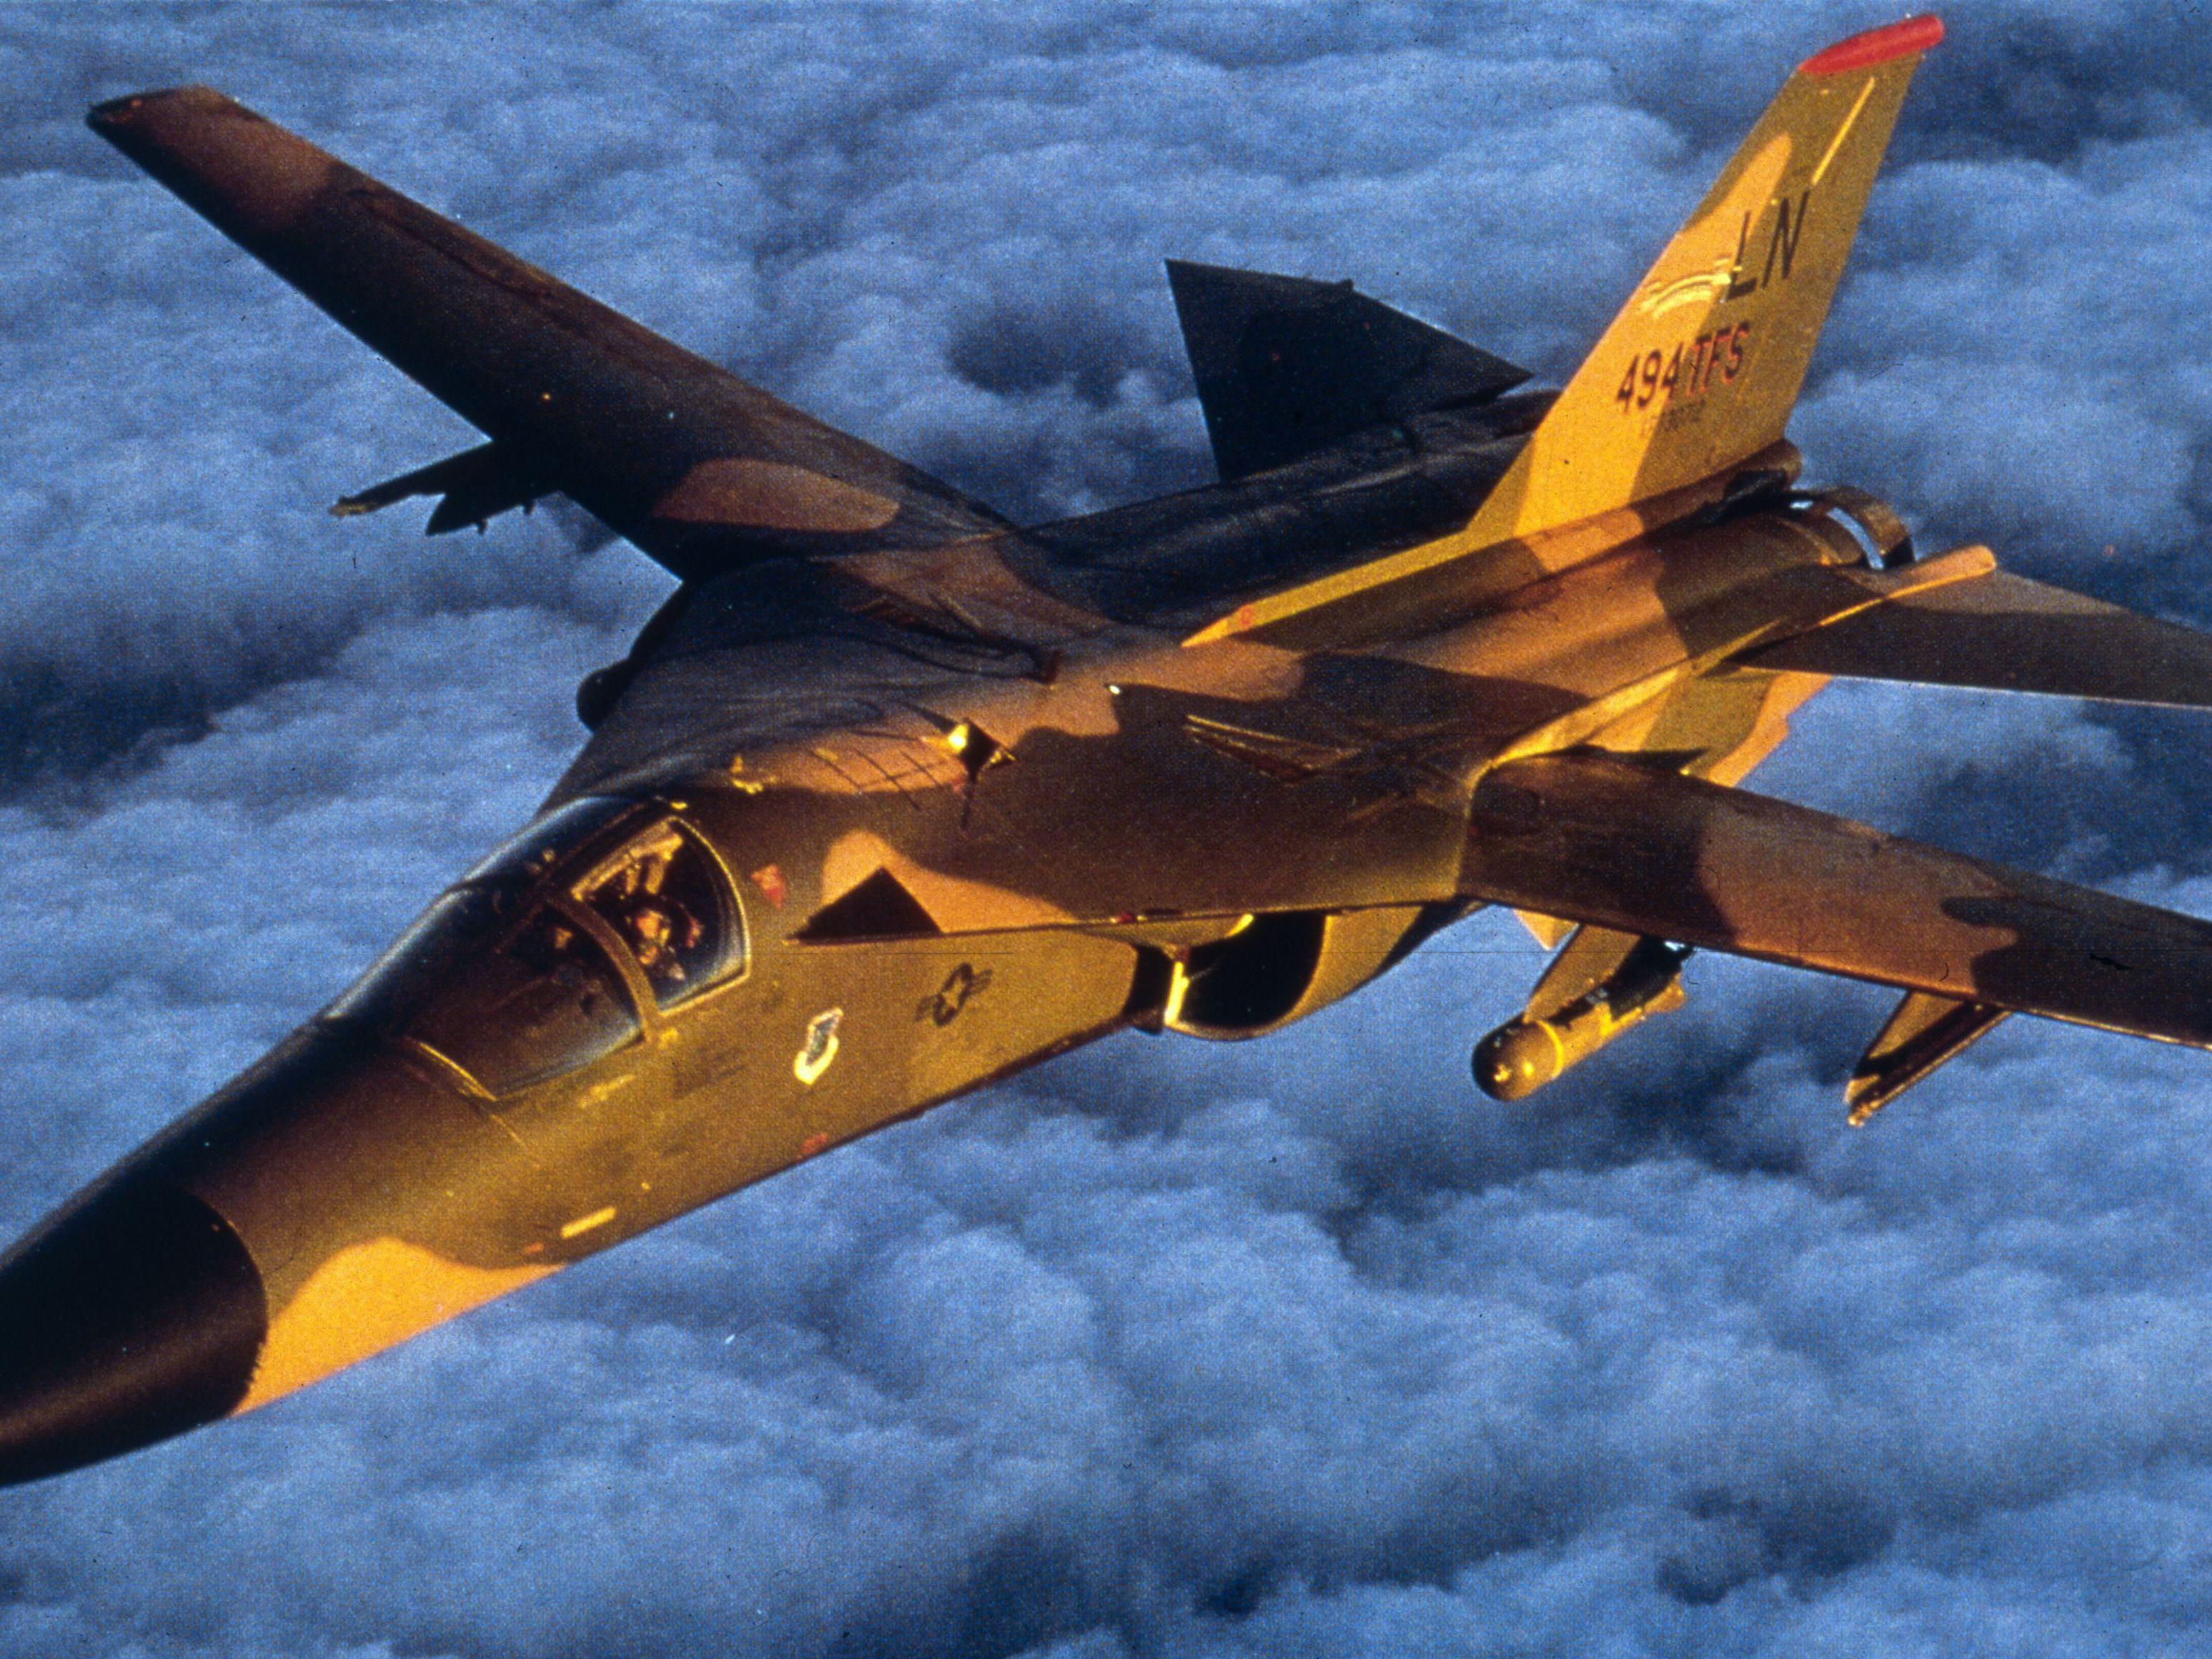 airforce-jet-56a9a6a03df78cf772a93b12